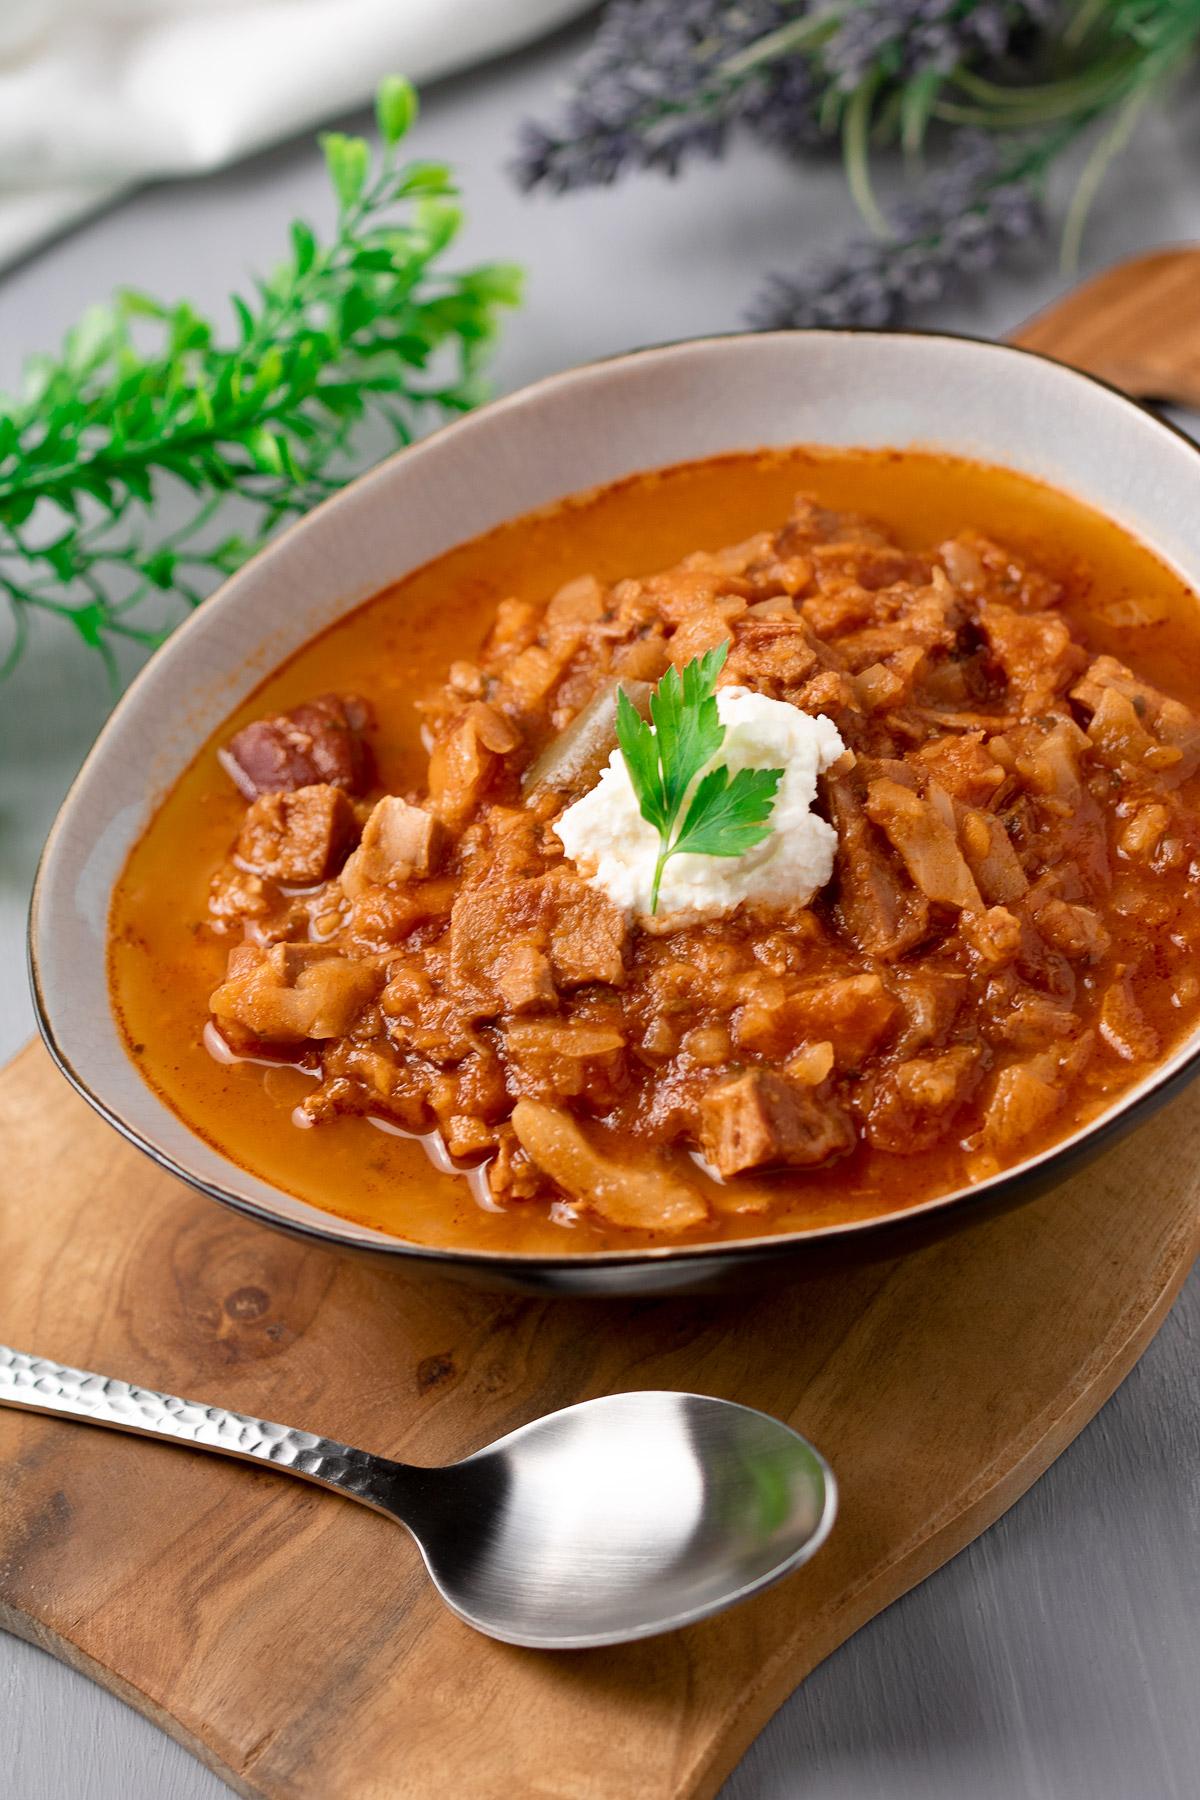 Das Kassler-Gulasch ist ein leckerer Eintopf mit viel Fleisch, Weißkohl und anderem Gemüse.